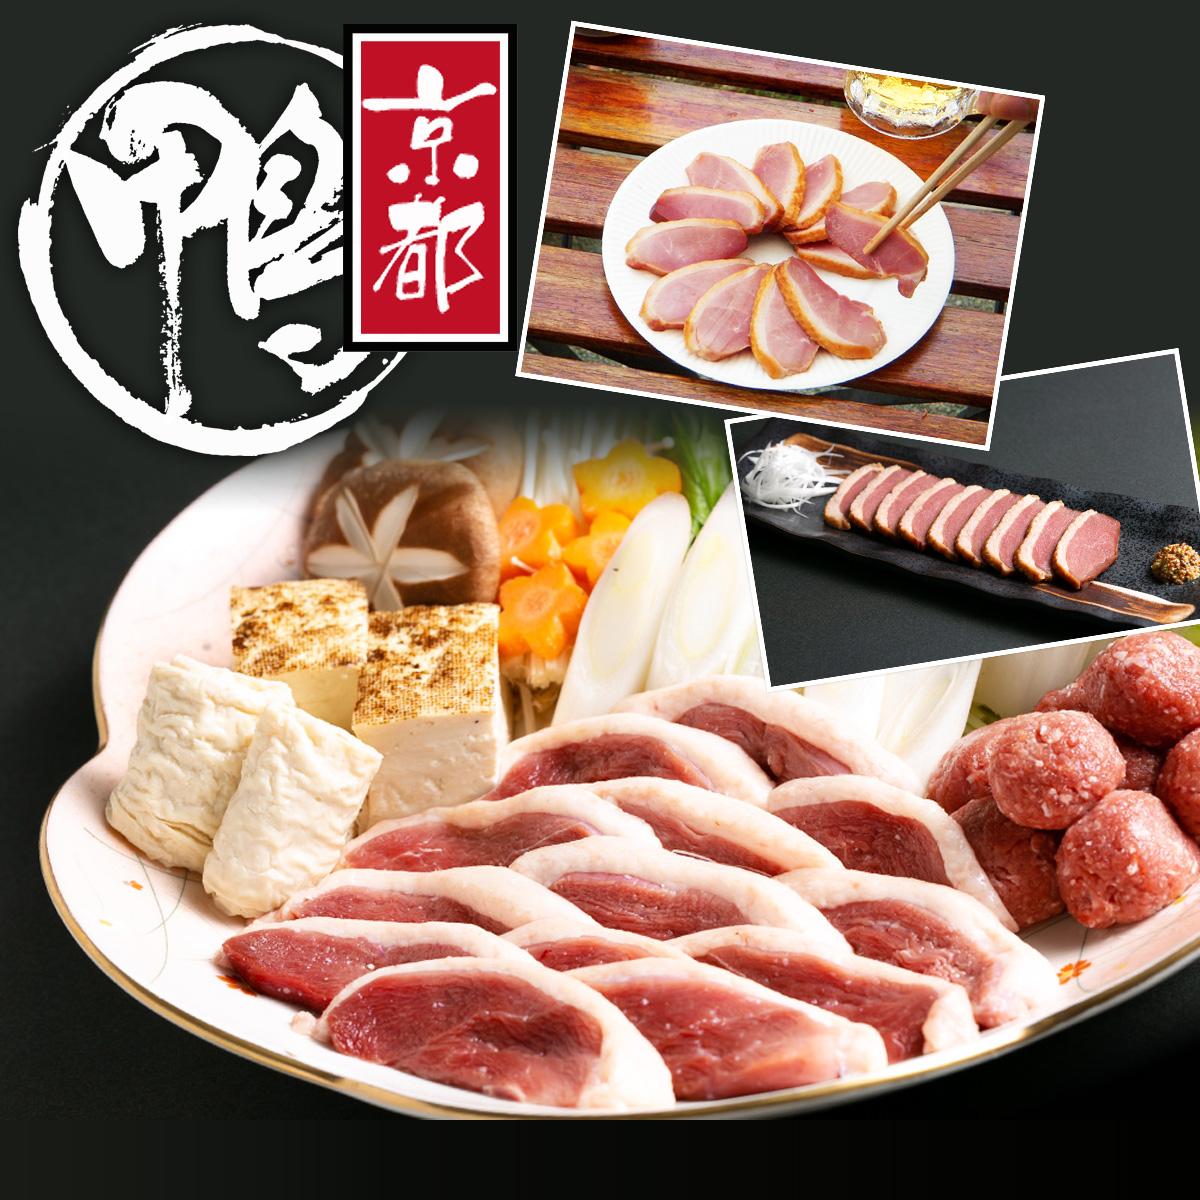 古都京都の老舗料亭 有名割烹が認める鴨肉 古都京都からのお届け 6~8人前 こだわり鴨鍋と味付け鴨ロースと上スモークロースのセット KAM-N3‐R 有名な AL完売しました。